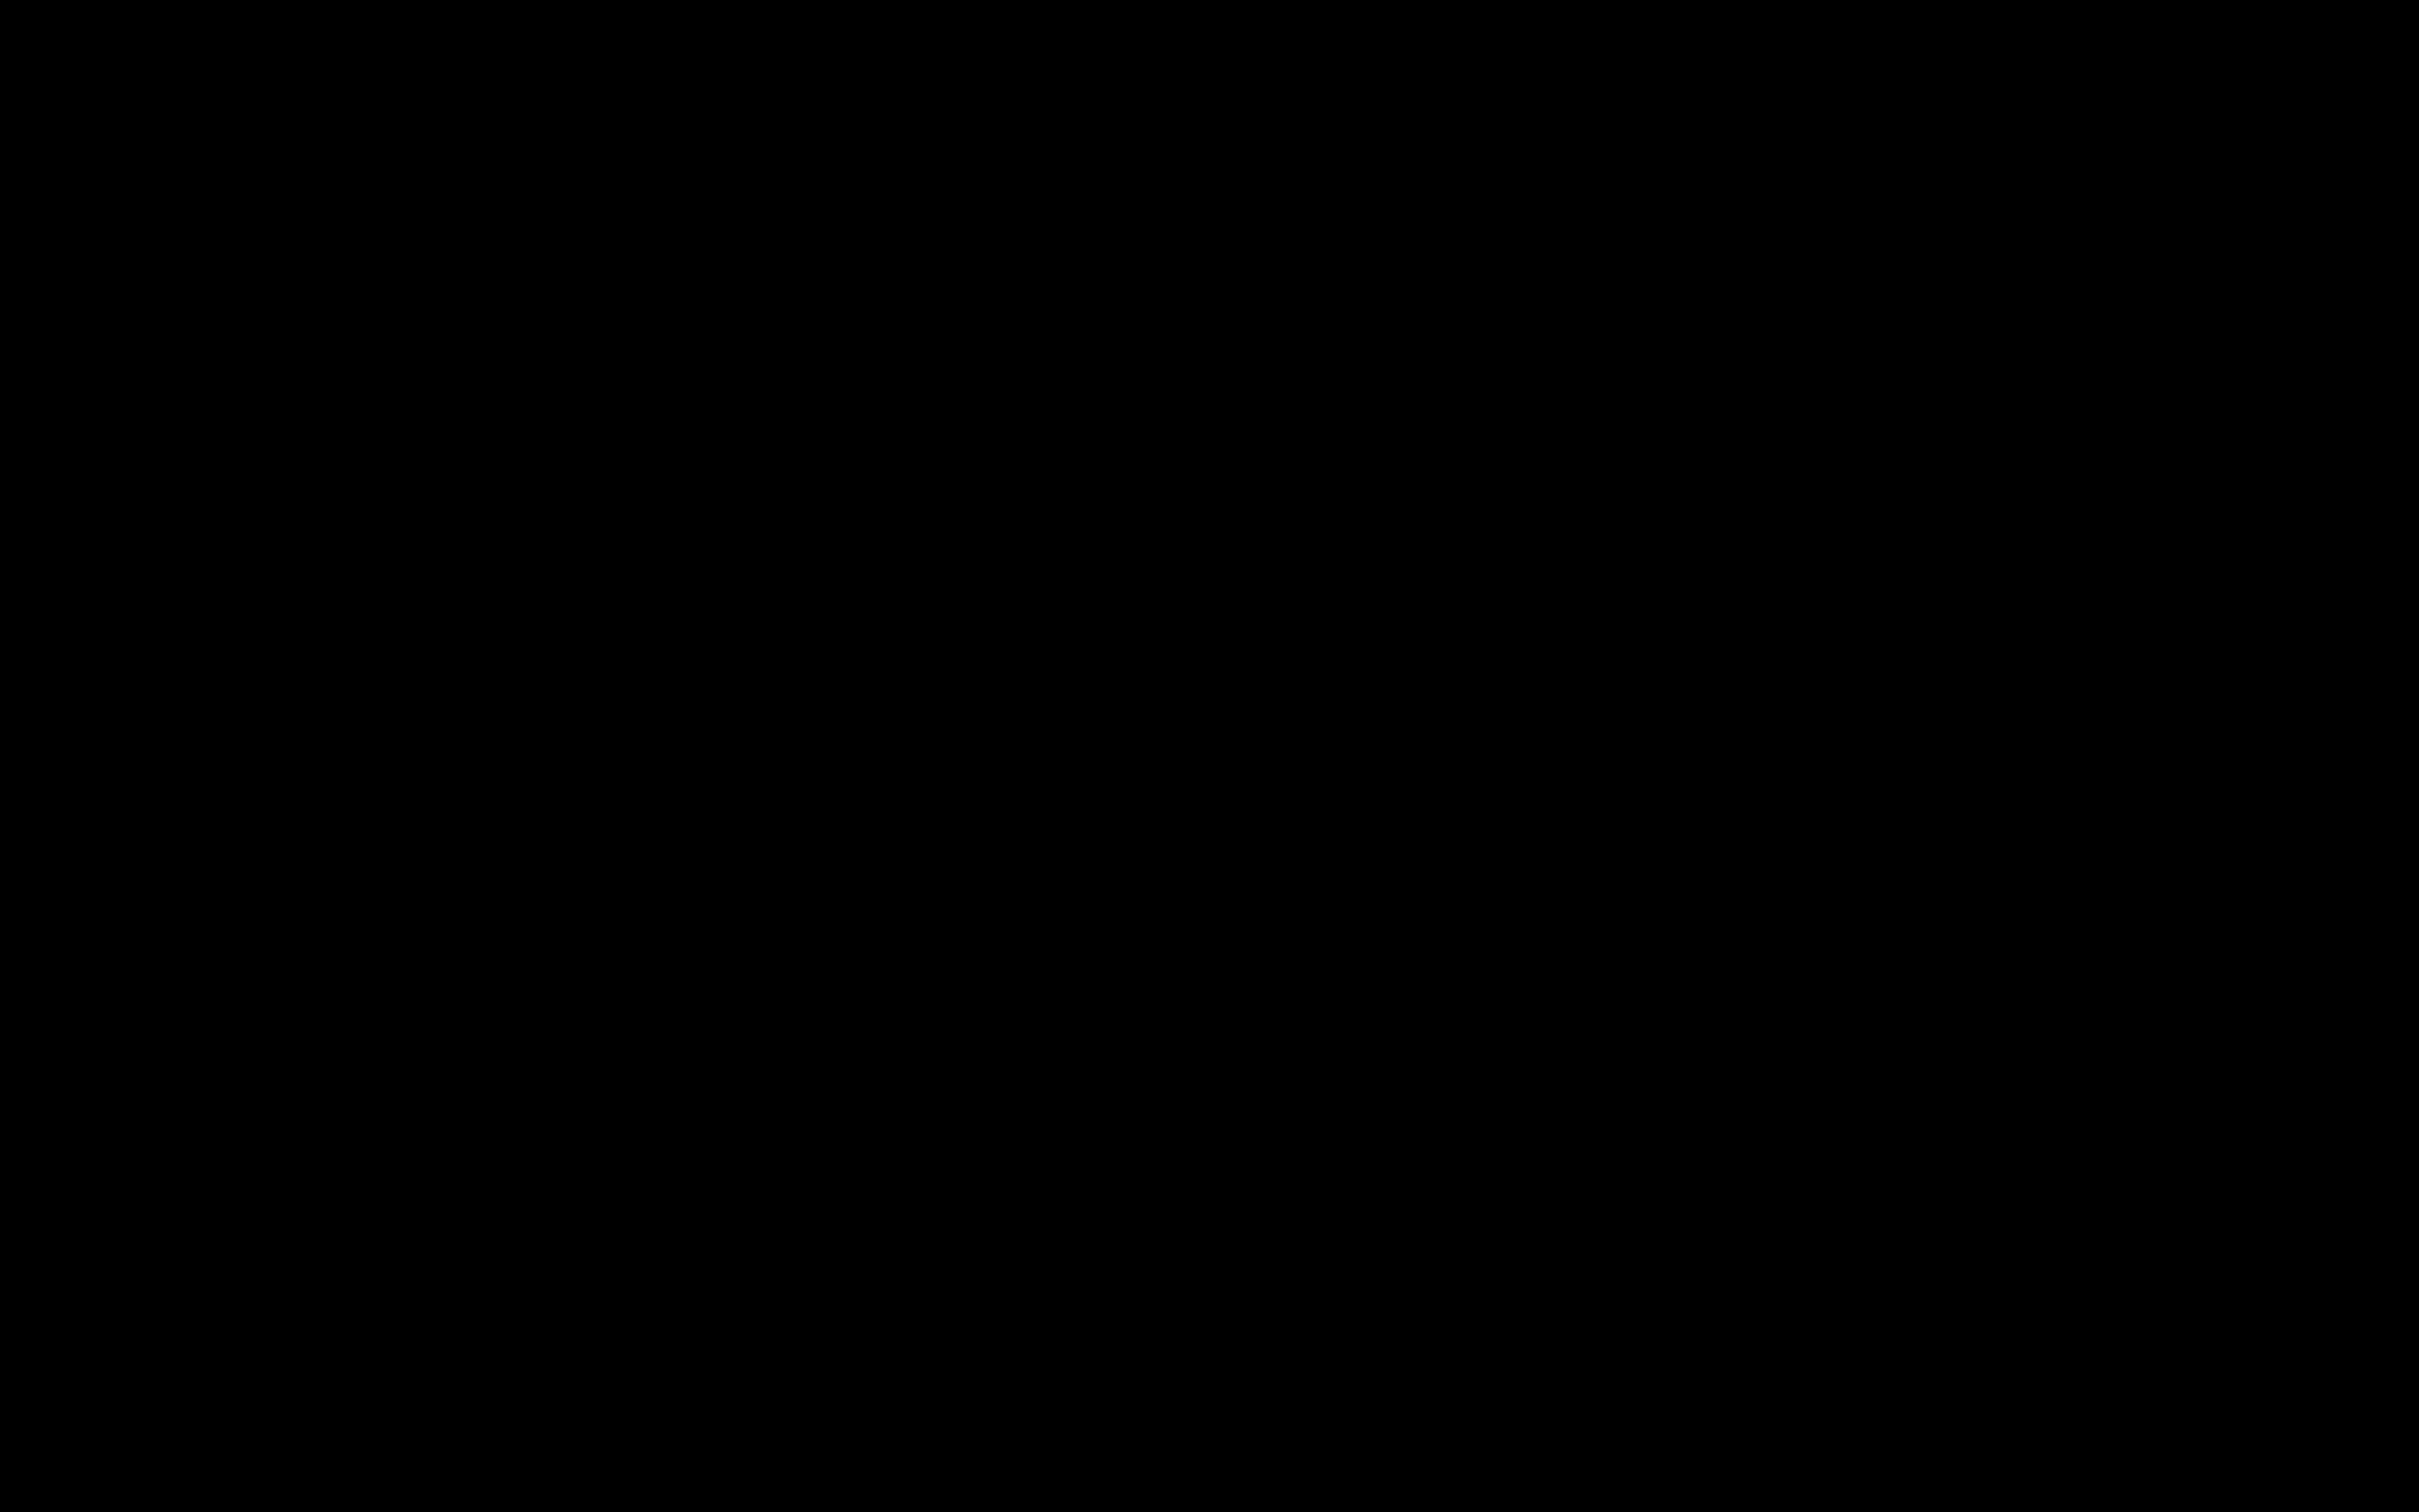 دانلود مجموعه طرح های غدیر۲ دانلود مجموعه طرح های غدیر۲ hazrat masumeh 005